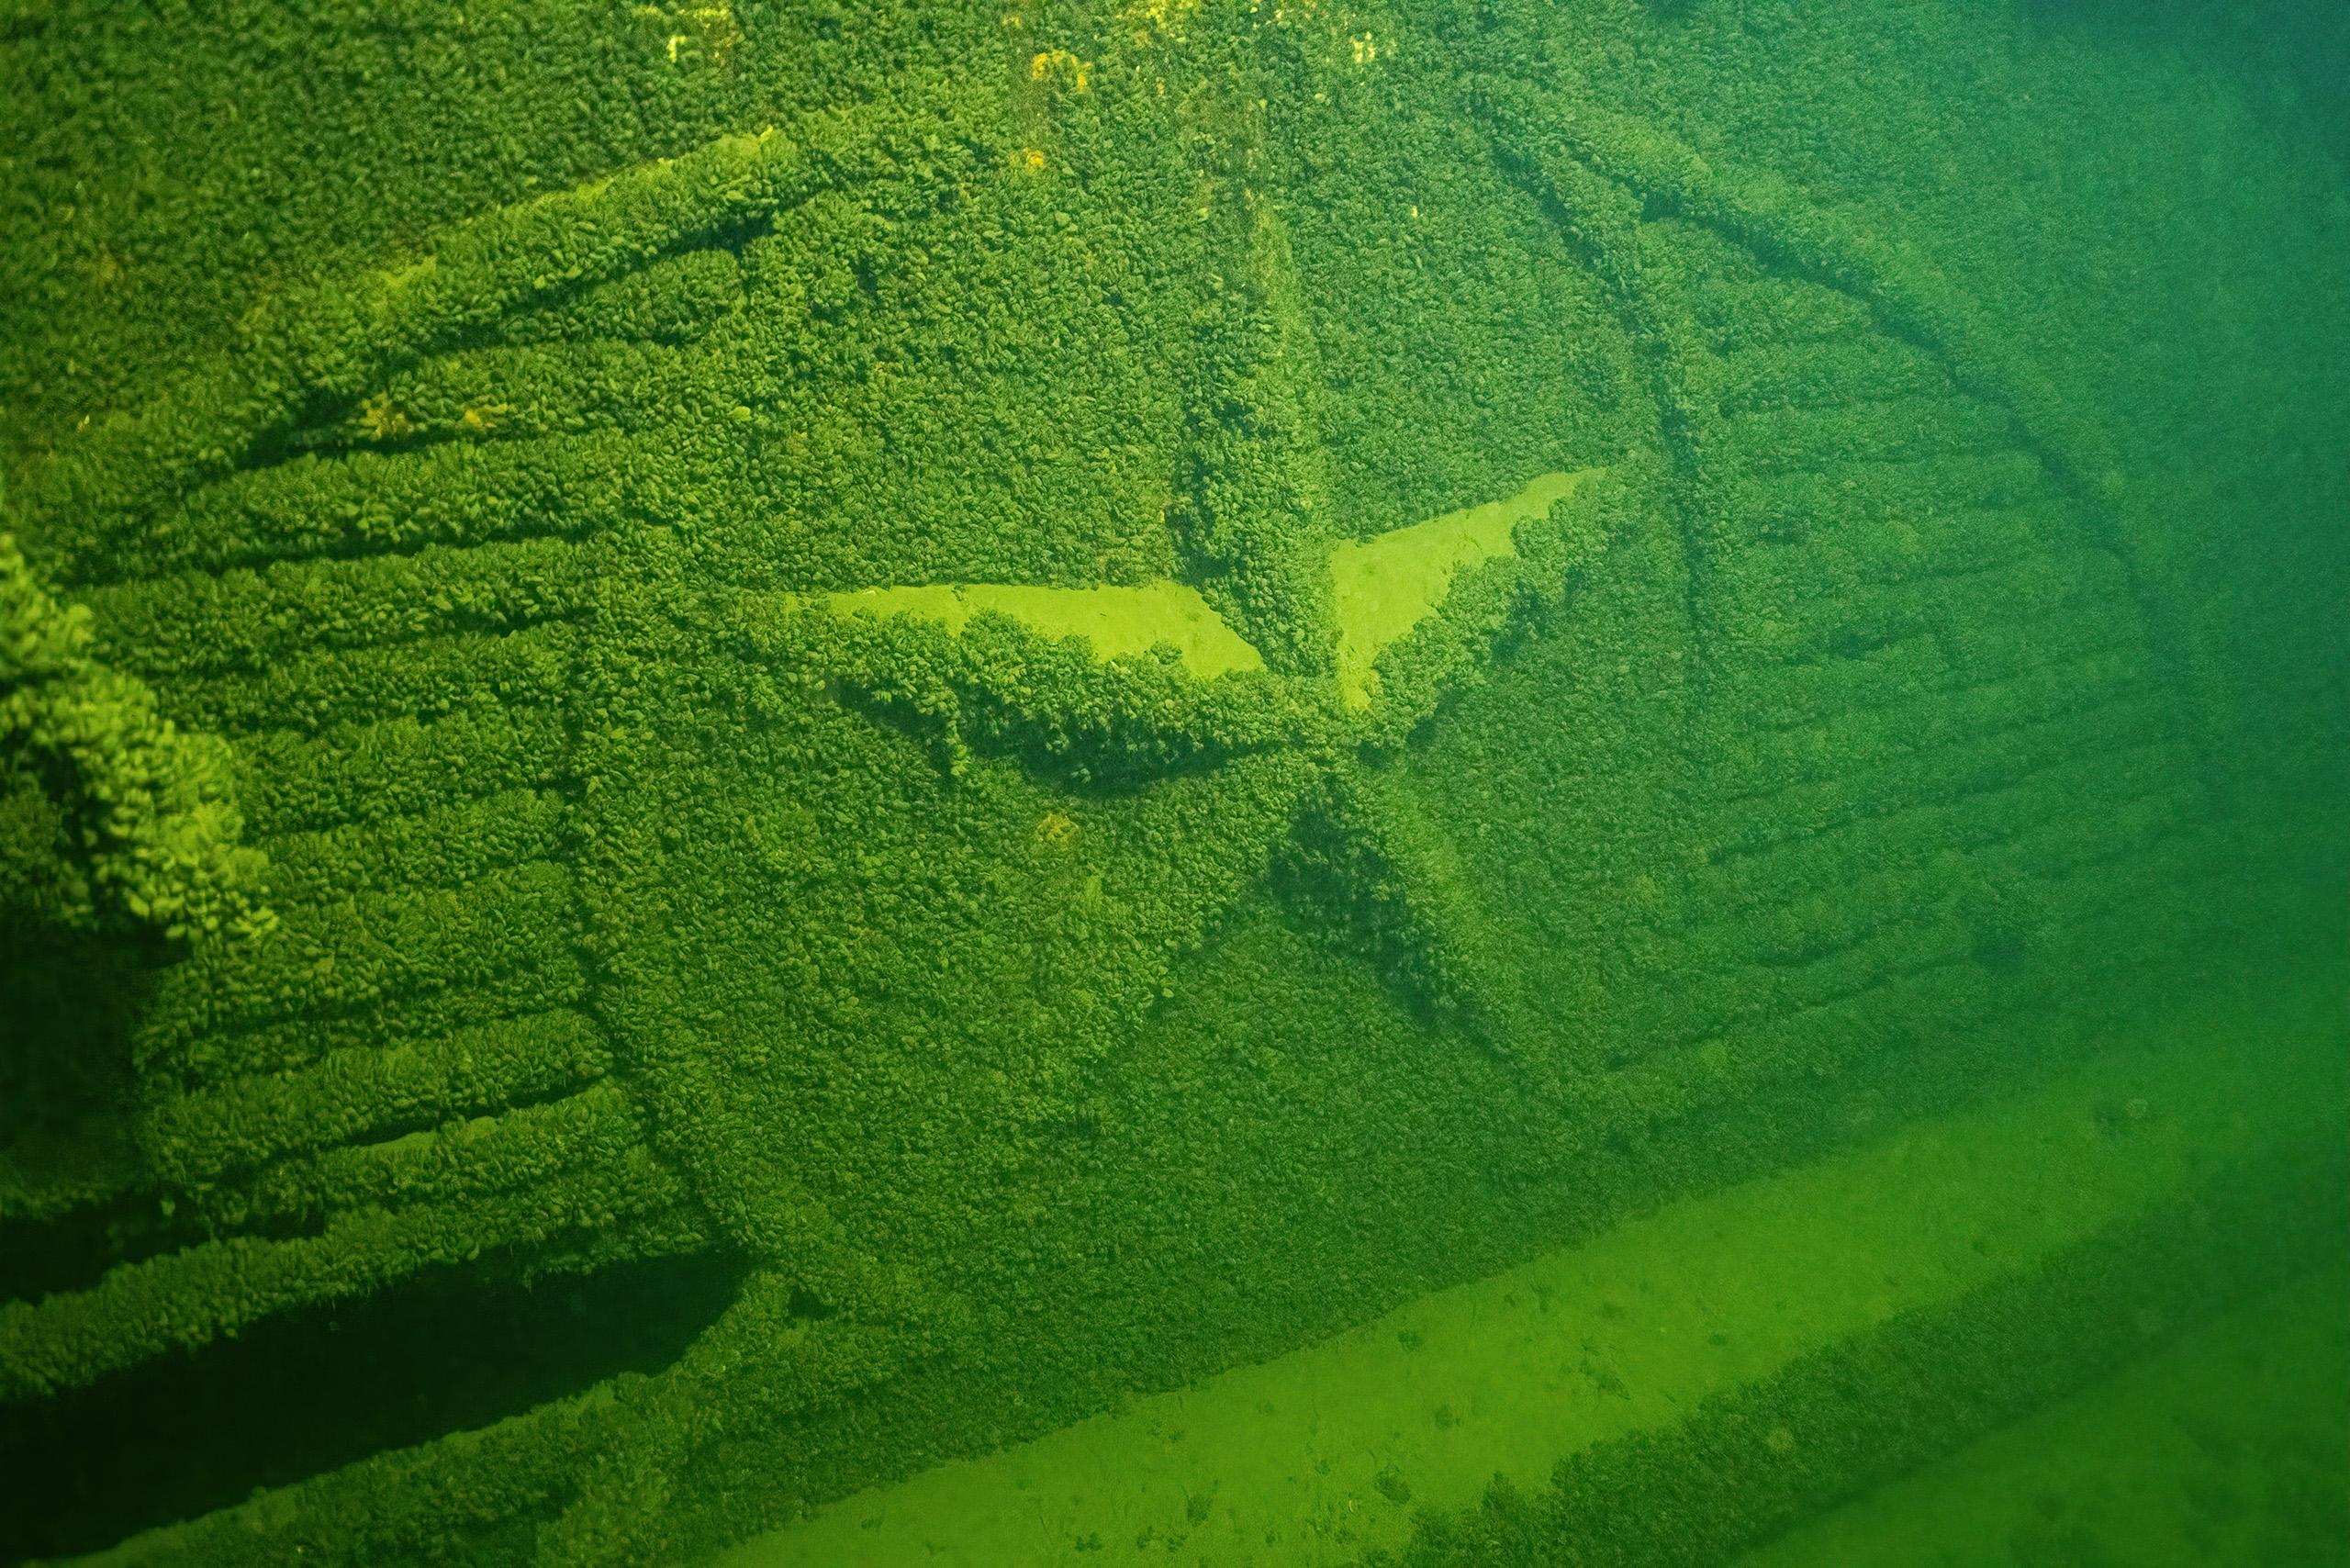 Корабль покрылся слоем ила, который предстоит убрать